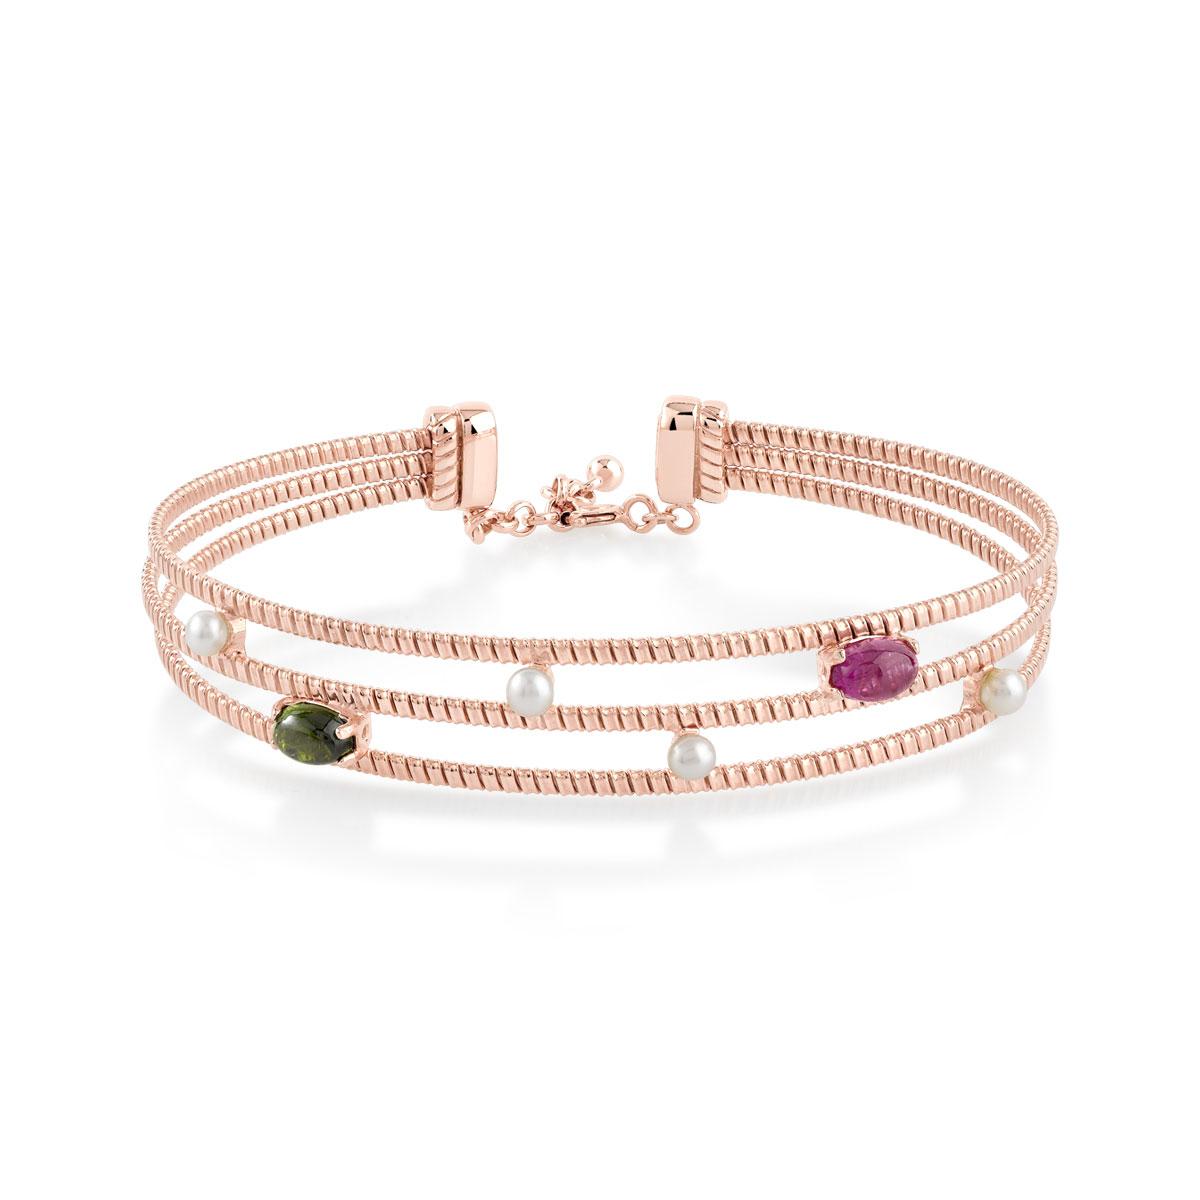 bracelet argent dor rose acier tourmalines perles femme bracelet rigide maty. Black Bedroom Furniture Sets. Home Design Ideas